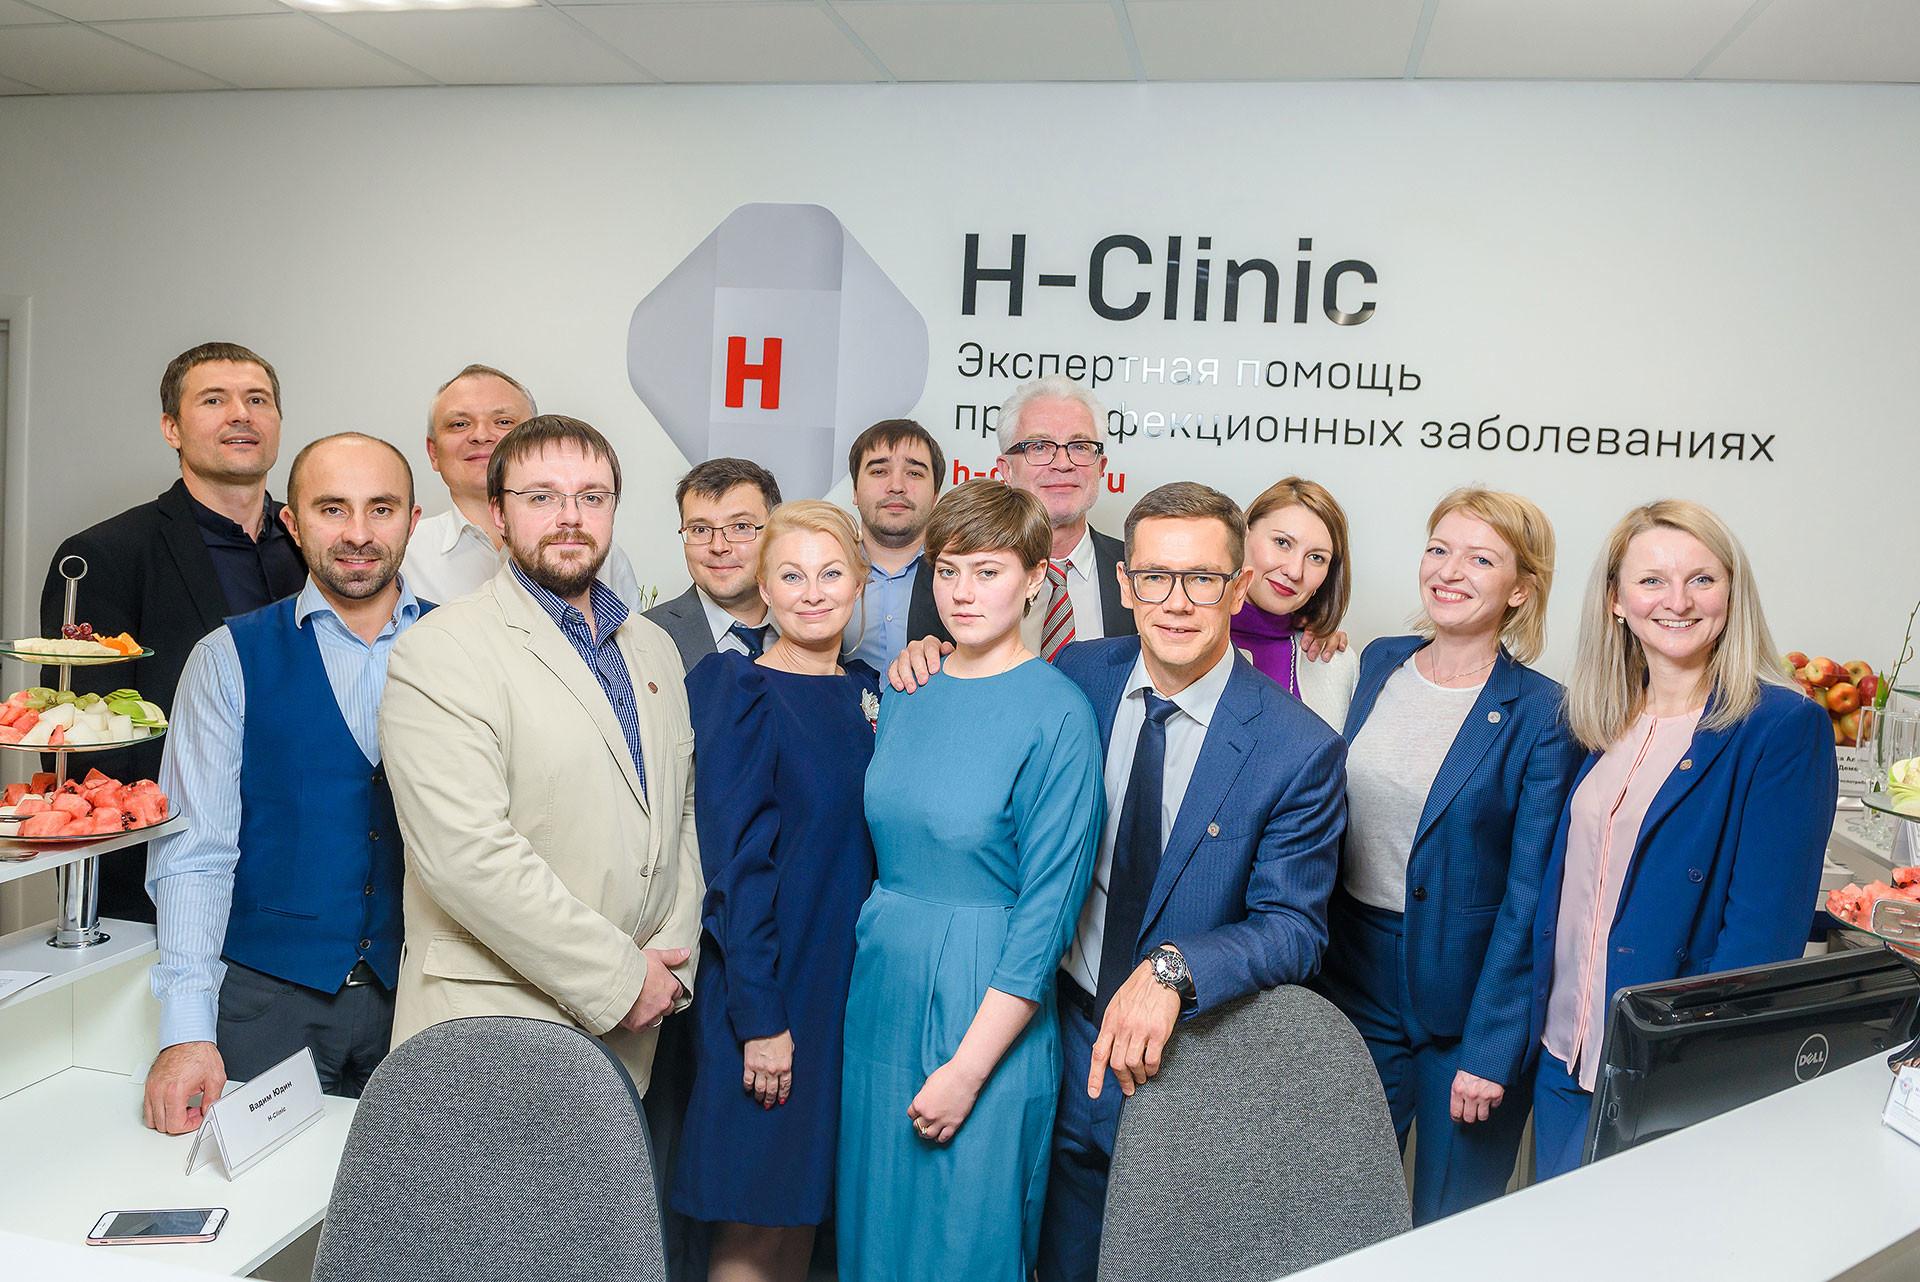 Фото: © H-Clinic